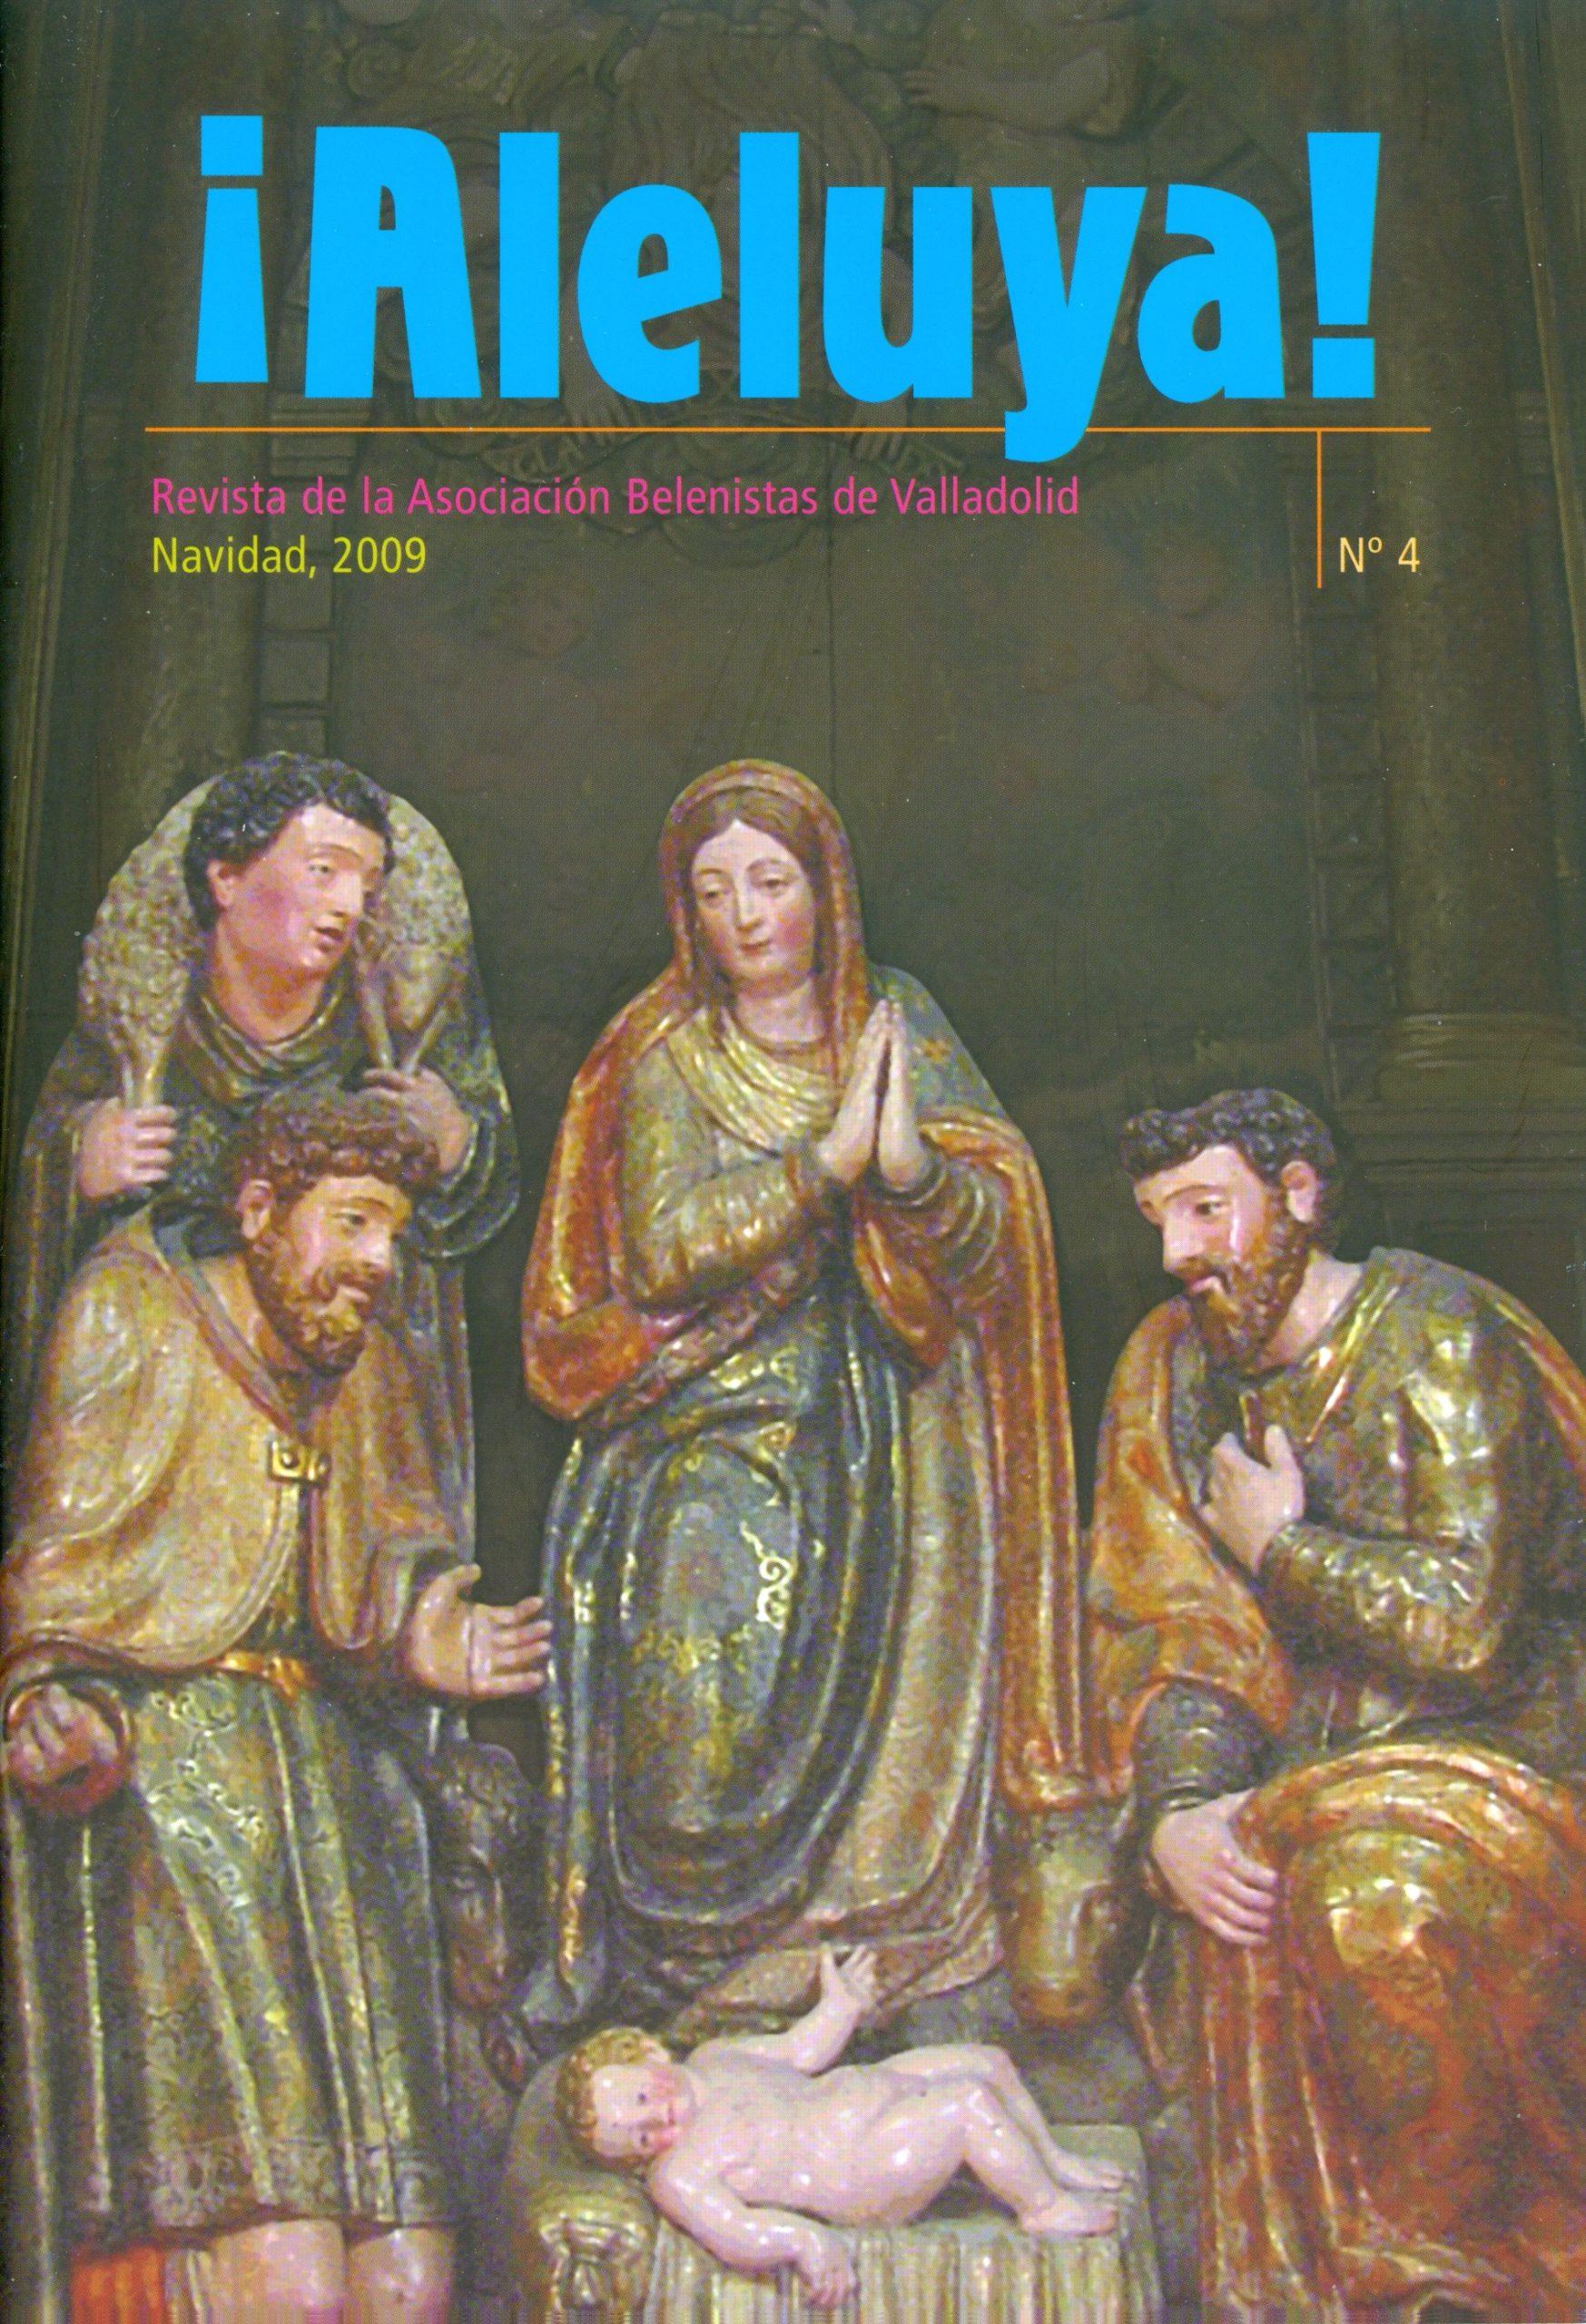 """Portada de la revista ¡Aleluya! nº 4 - Asociación """"Belenistas de Valladolid"""" (2009)"""